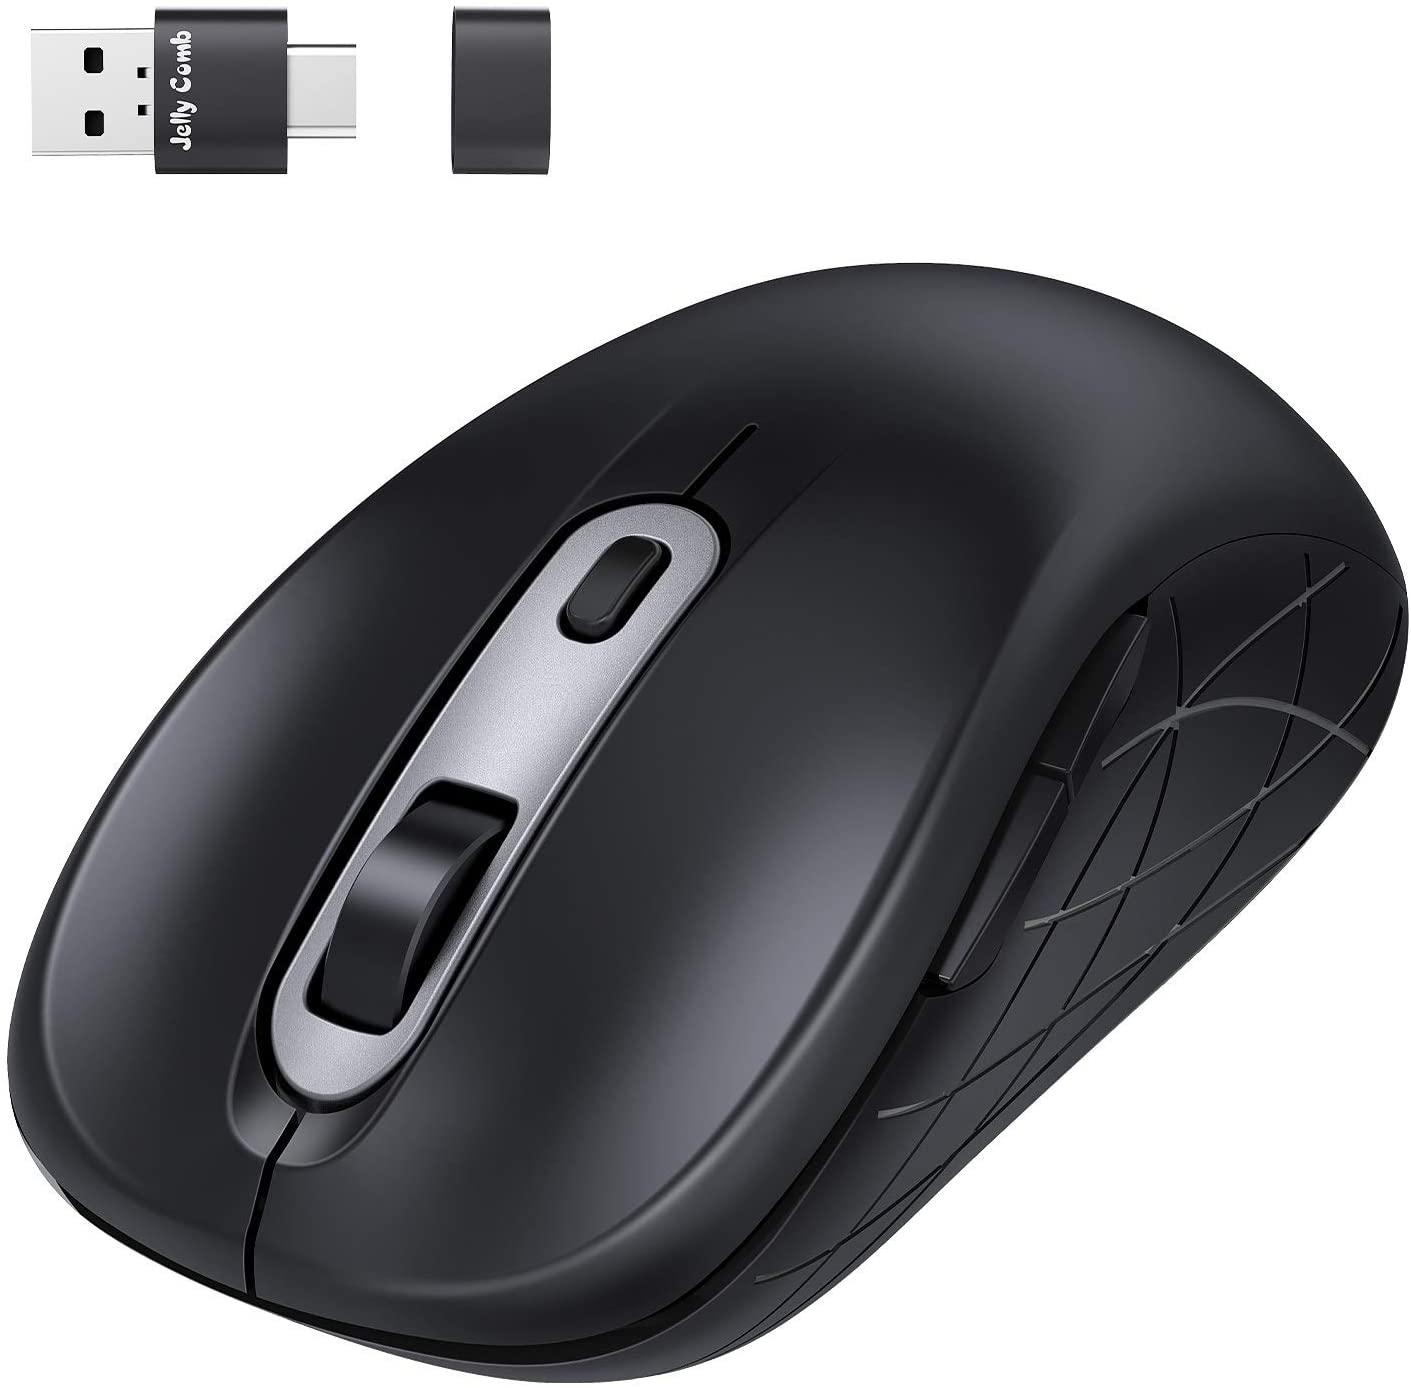 アマゾンでレシーバーが面白い Jelly Comb ワイヤレスマウスが899円。